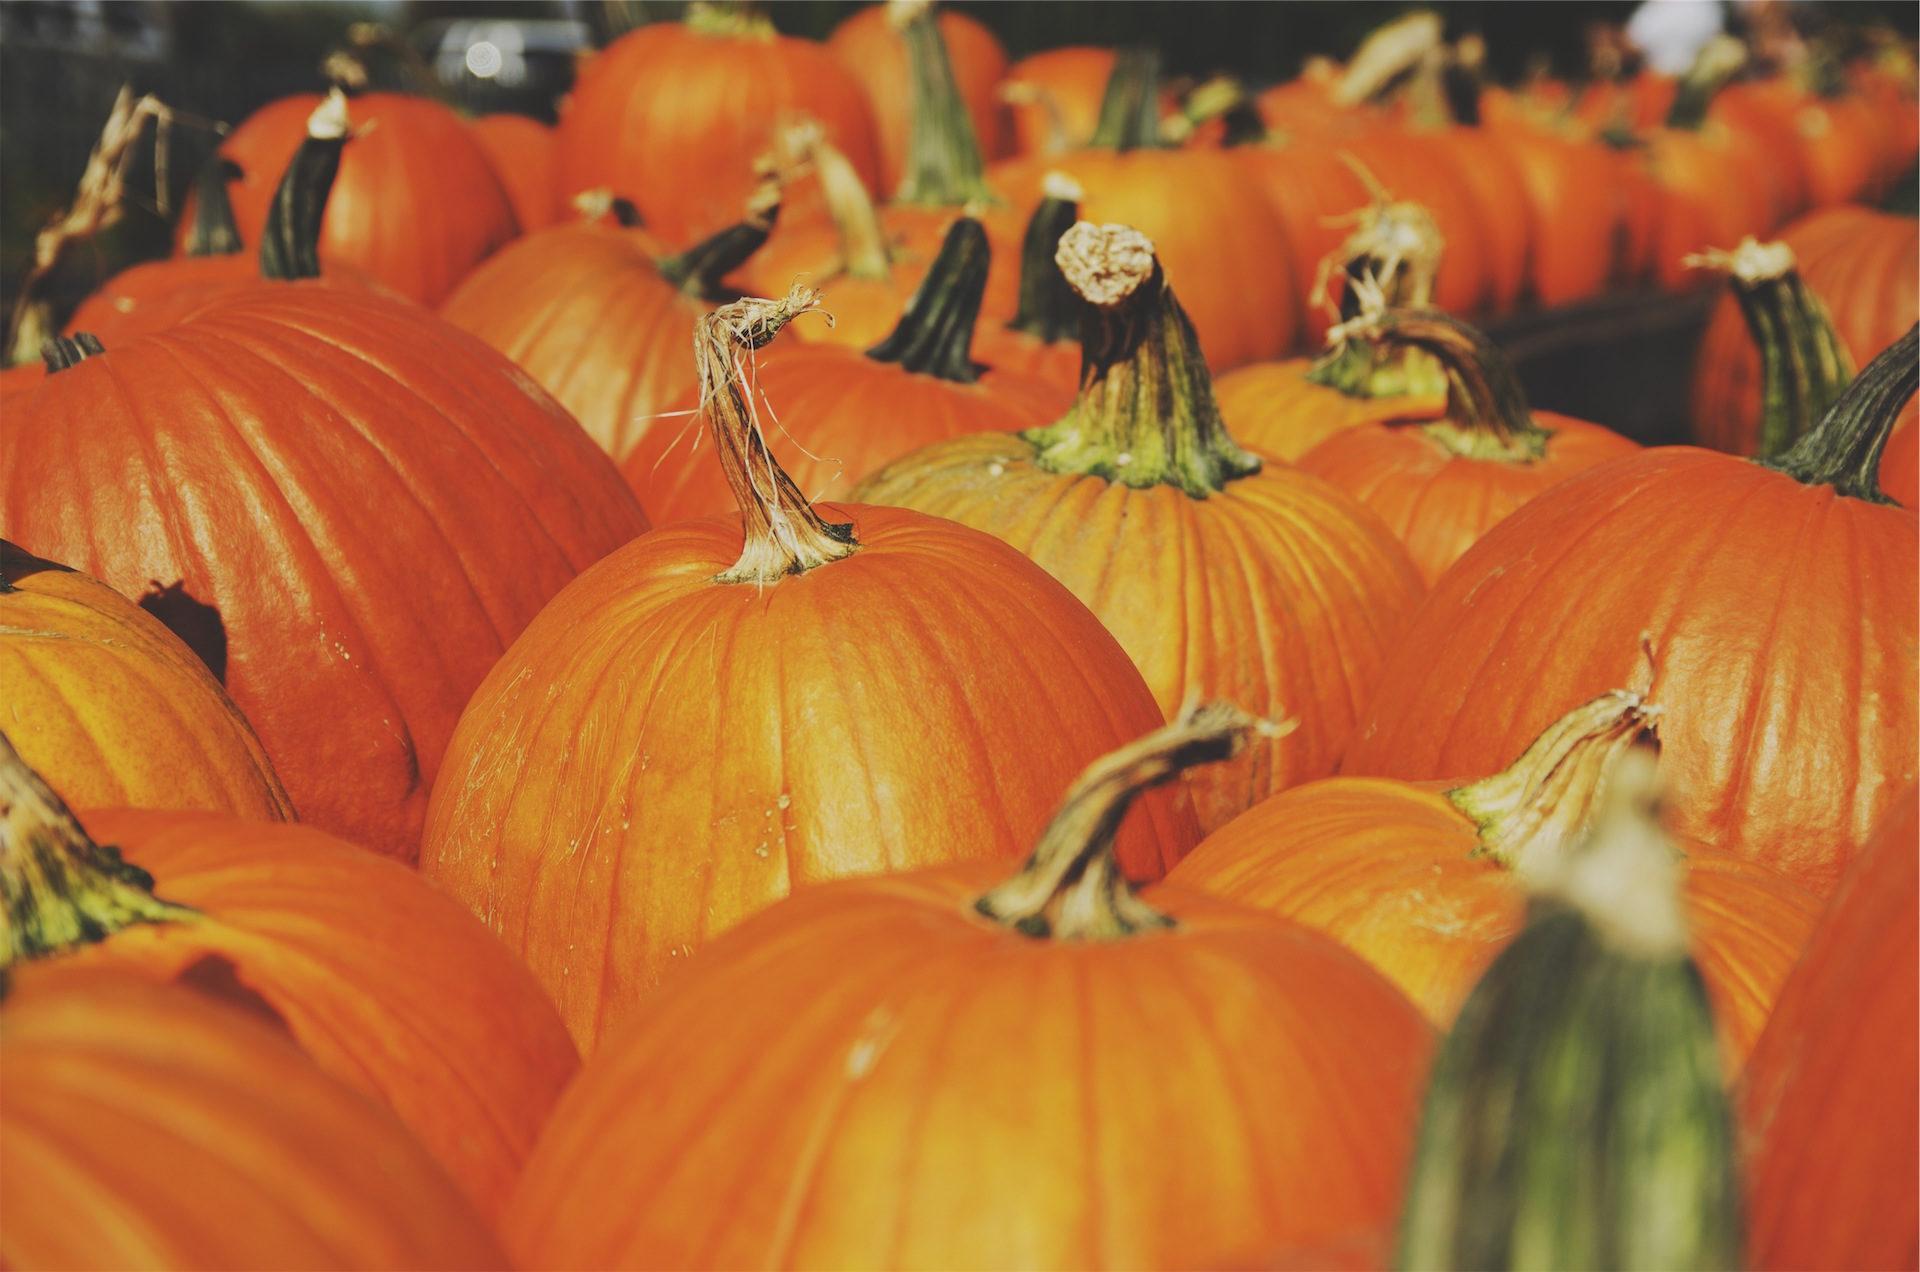 Zucche, Plantation, Agricoltura, colorato, Orange - Sfondi HD - Professor-falken.com